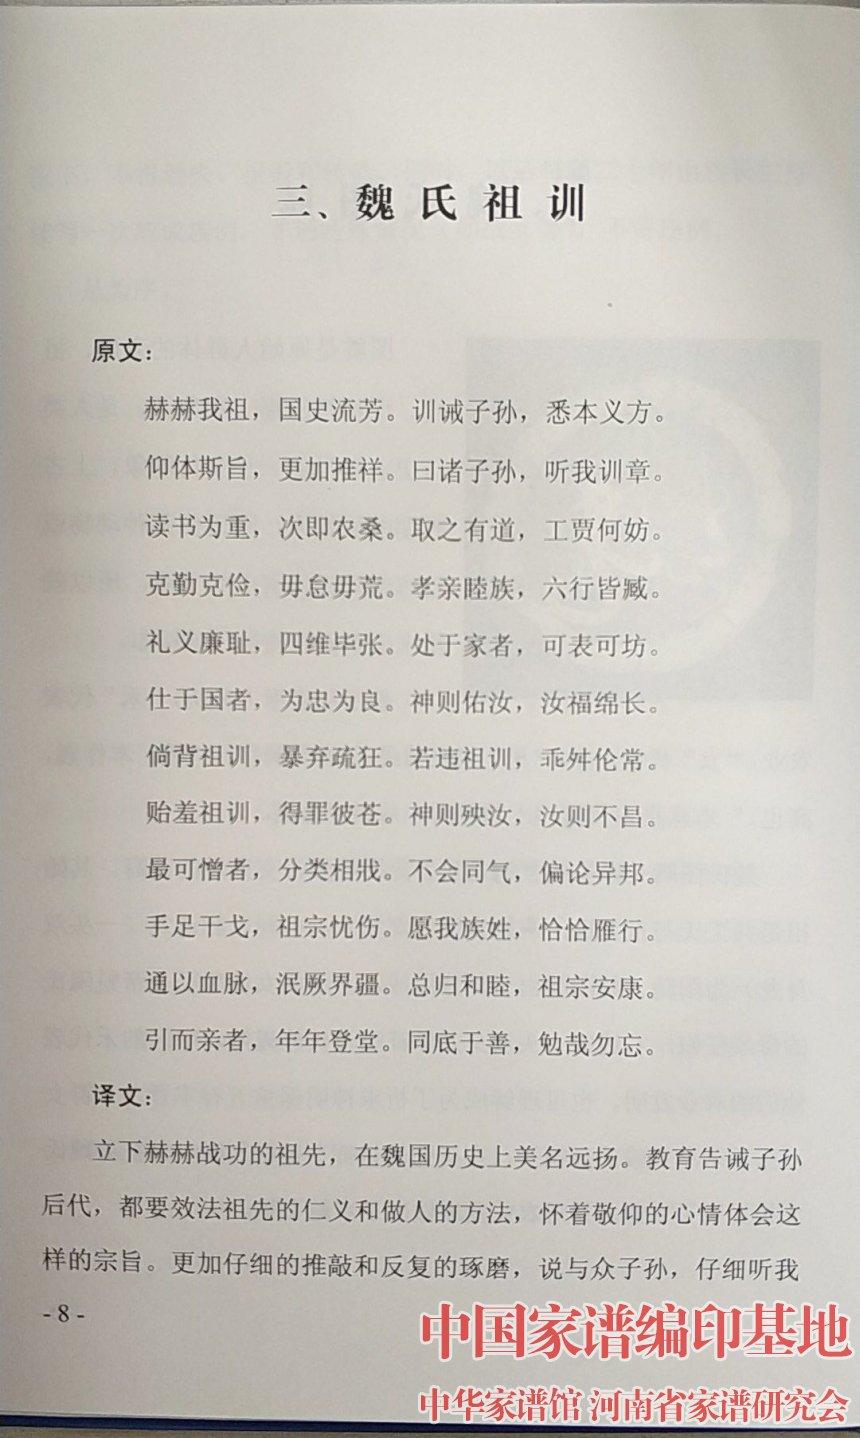 中华魏氏祖训.jpg